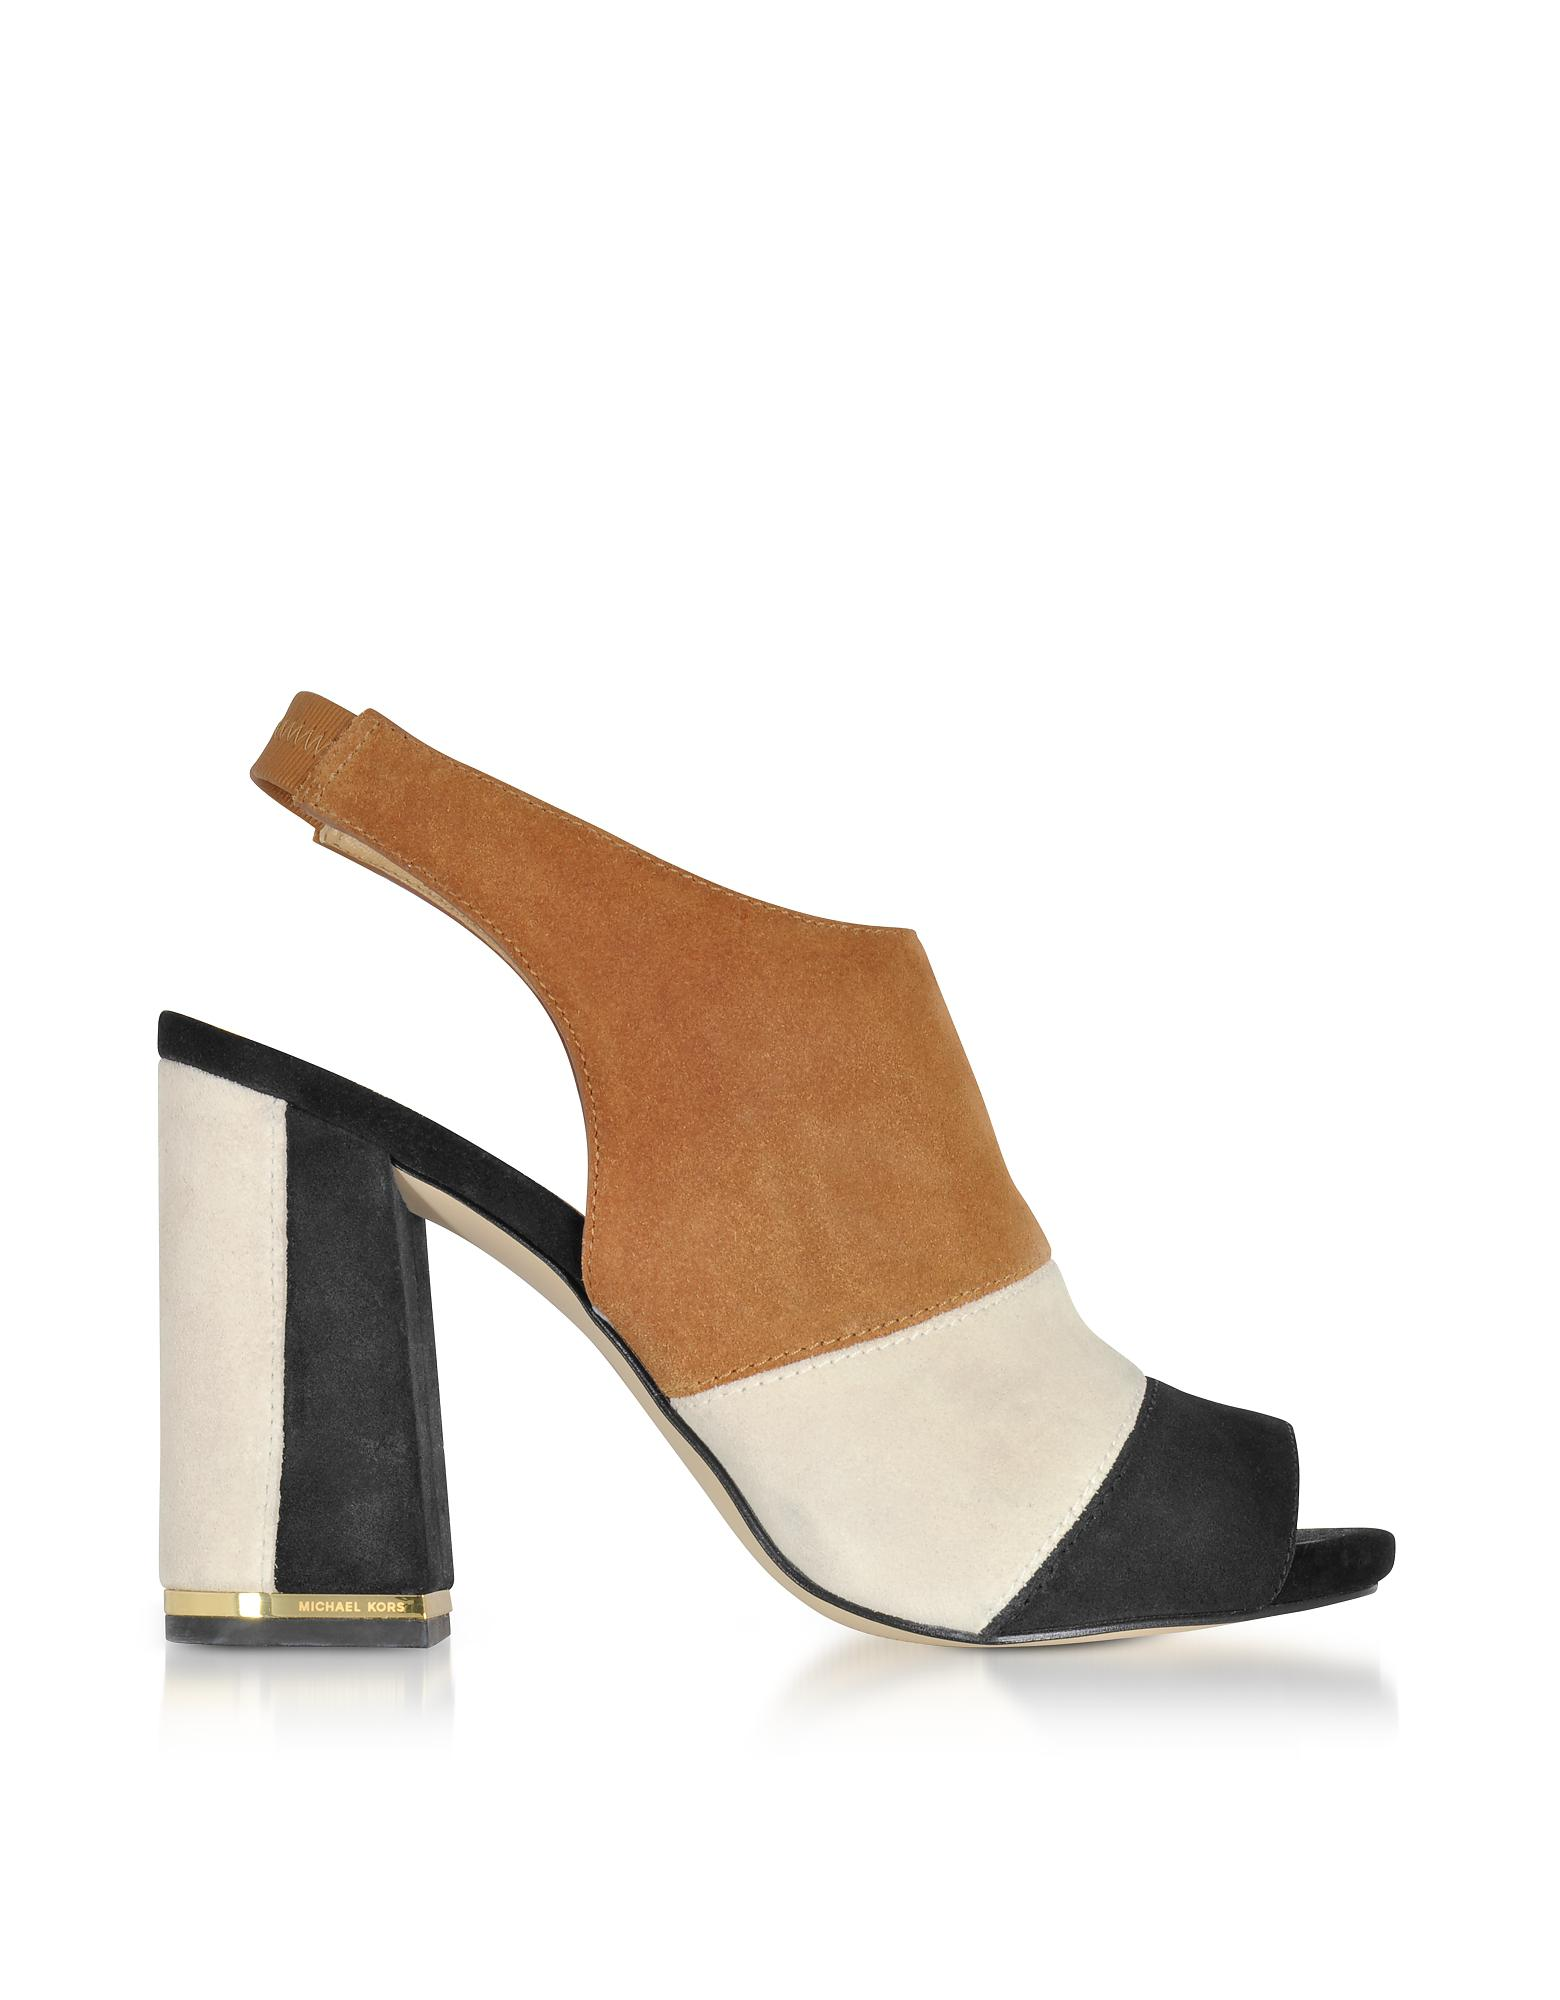 MICHAEL CMa6xkNuw5 JESSIE OPEN TOE BOOTIE - High heeled sandals - acorn Cs1AaT59